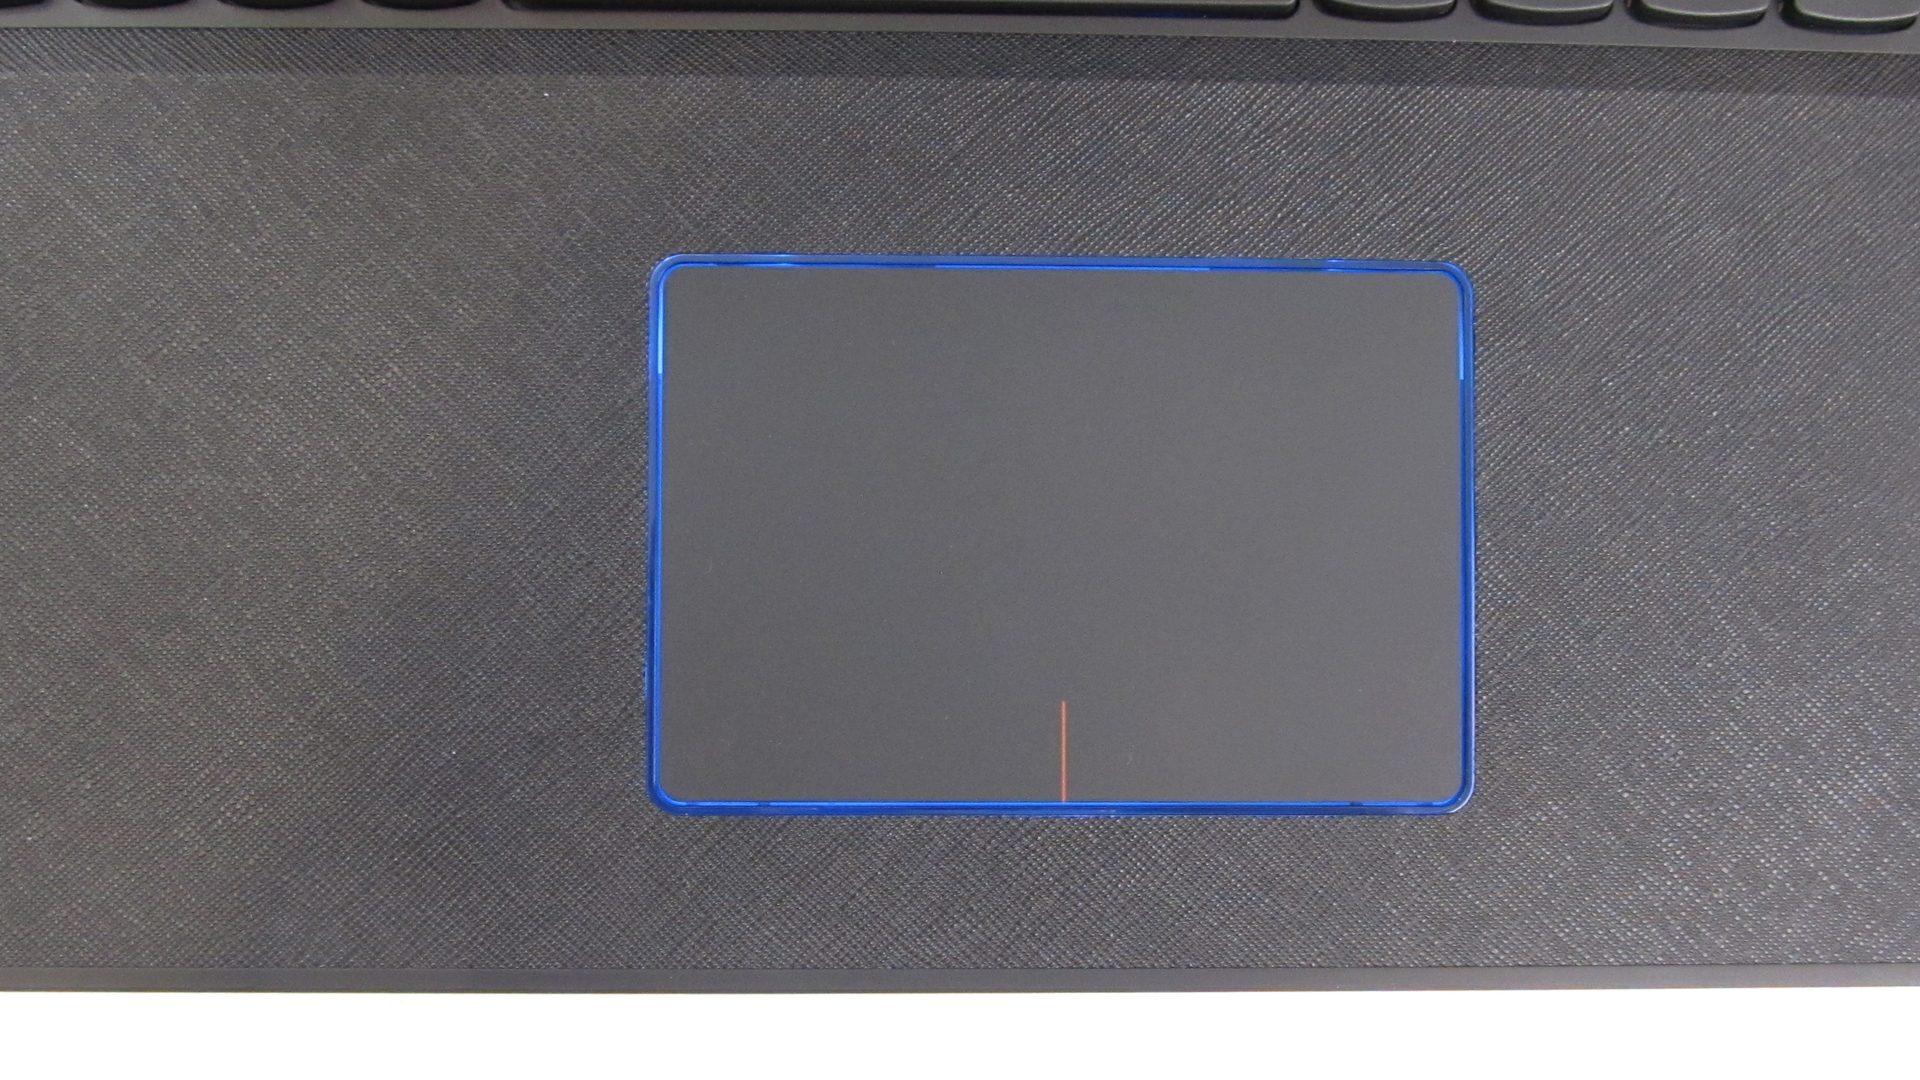 Lenovo-Y900-17ISK-Tastatur_4